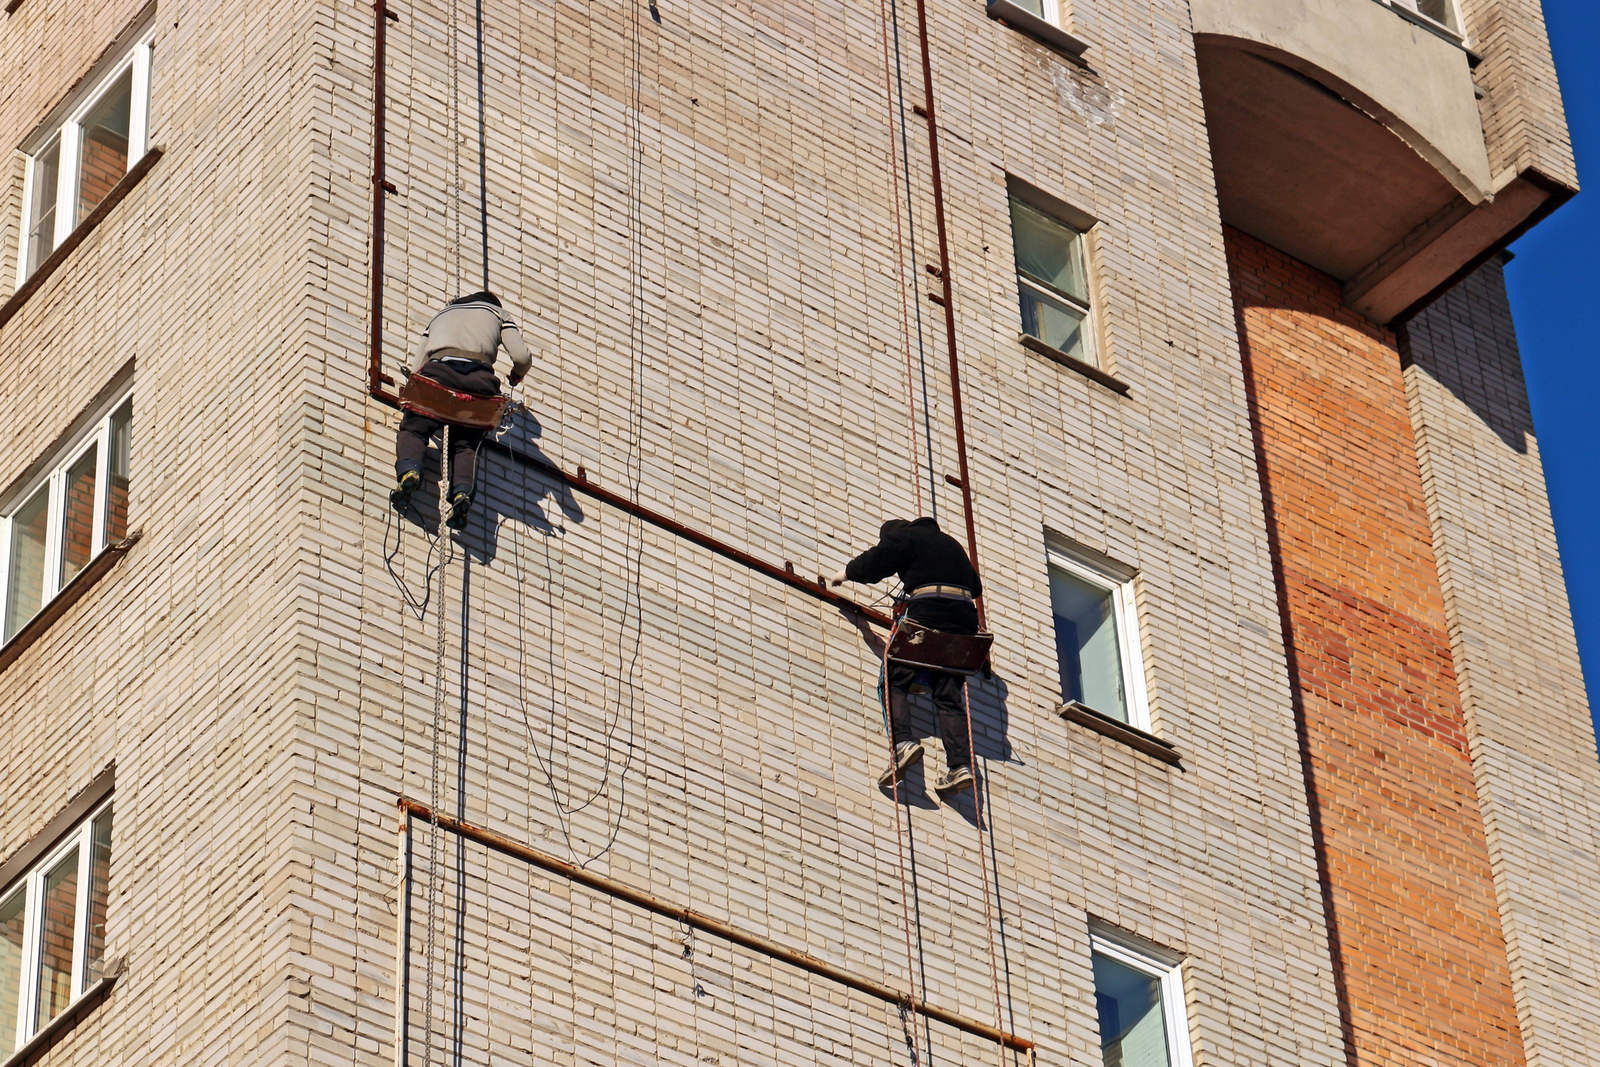 Перерезал веревки не молодой парень, а пенсионер / pixabay.com